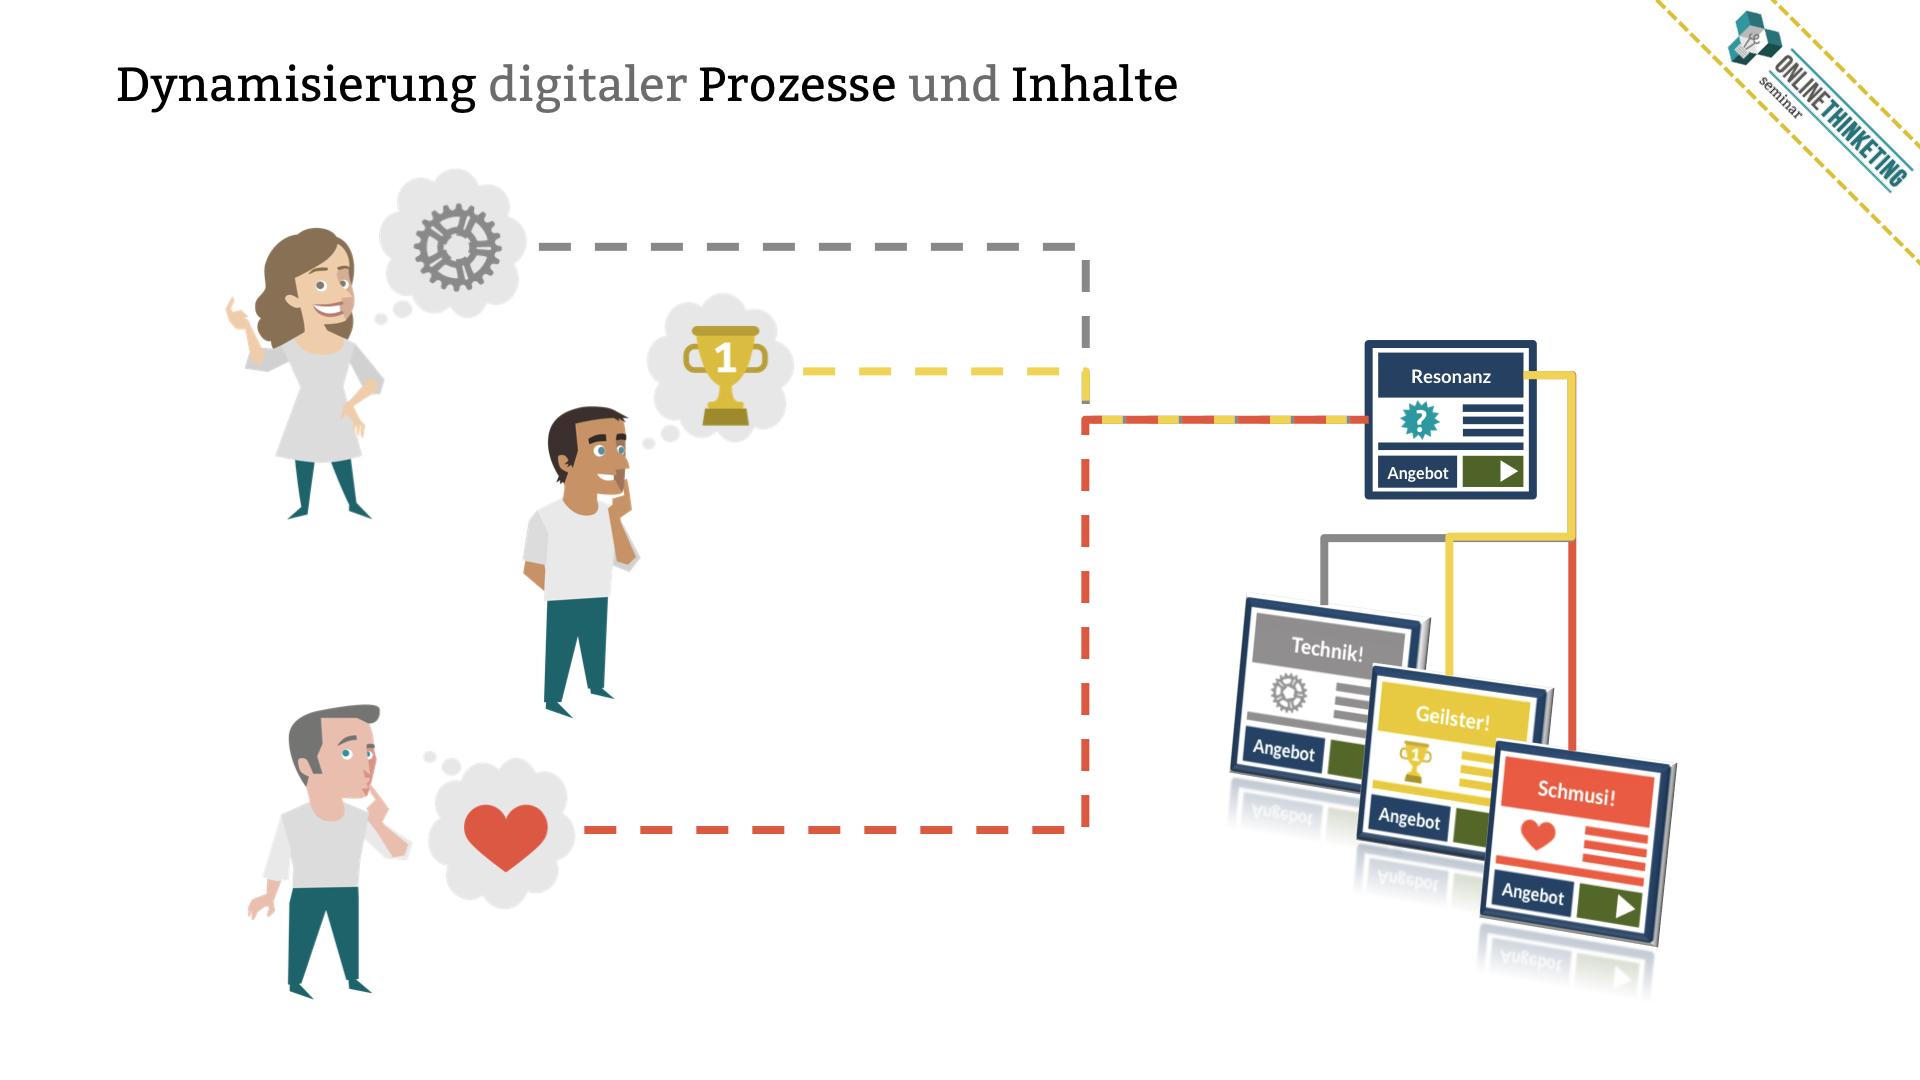 Grundlagen der Dynamisierung digitaler Prozesse und Inhalte